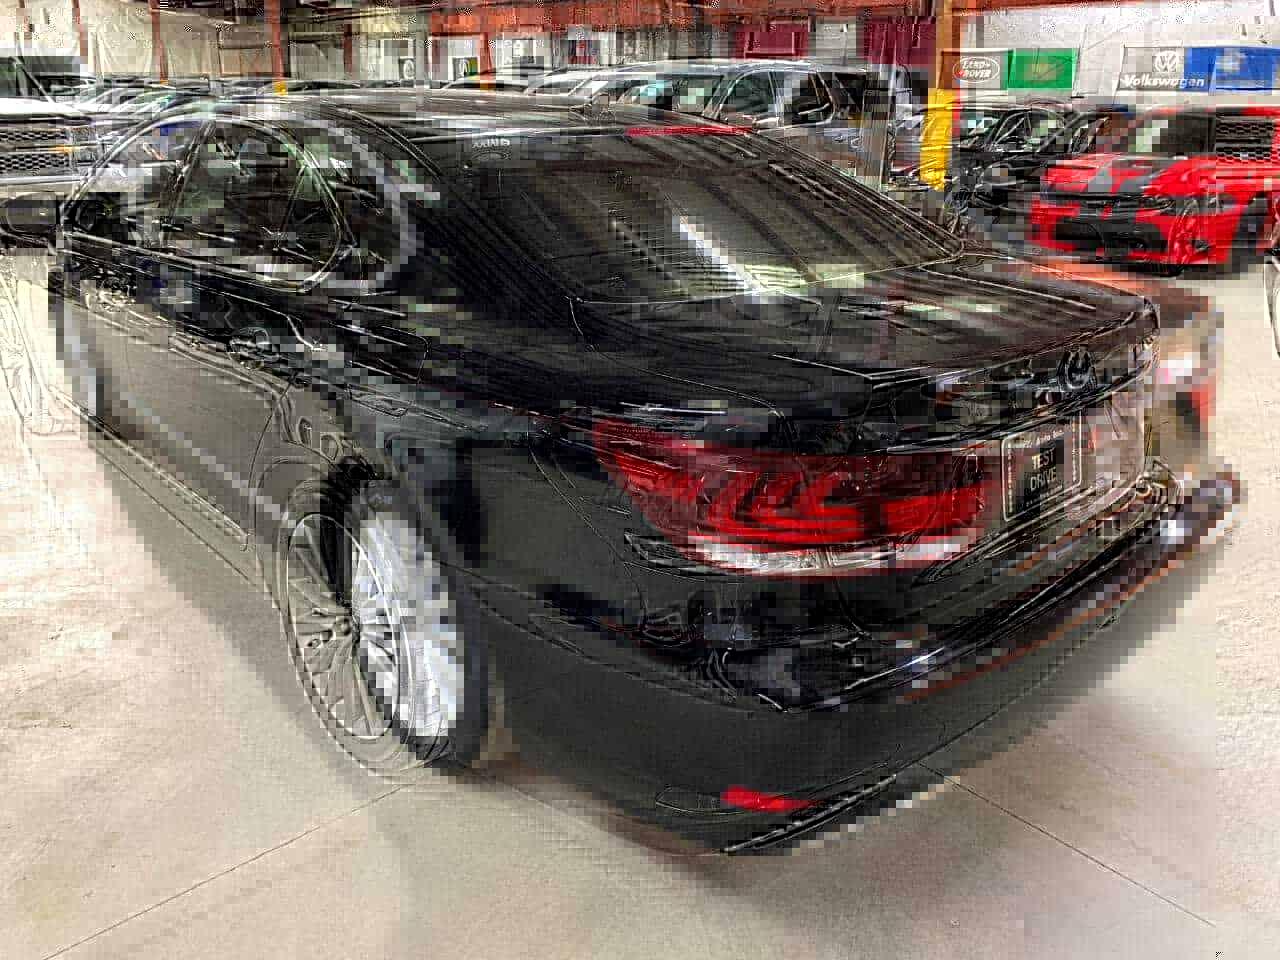 New black Lexus 3/4 view